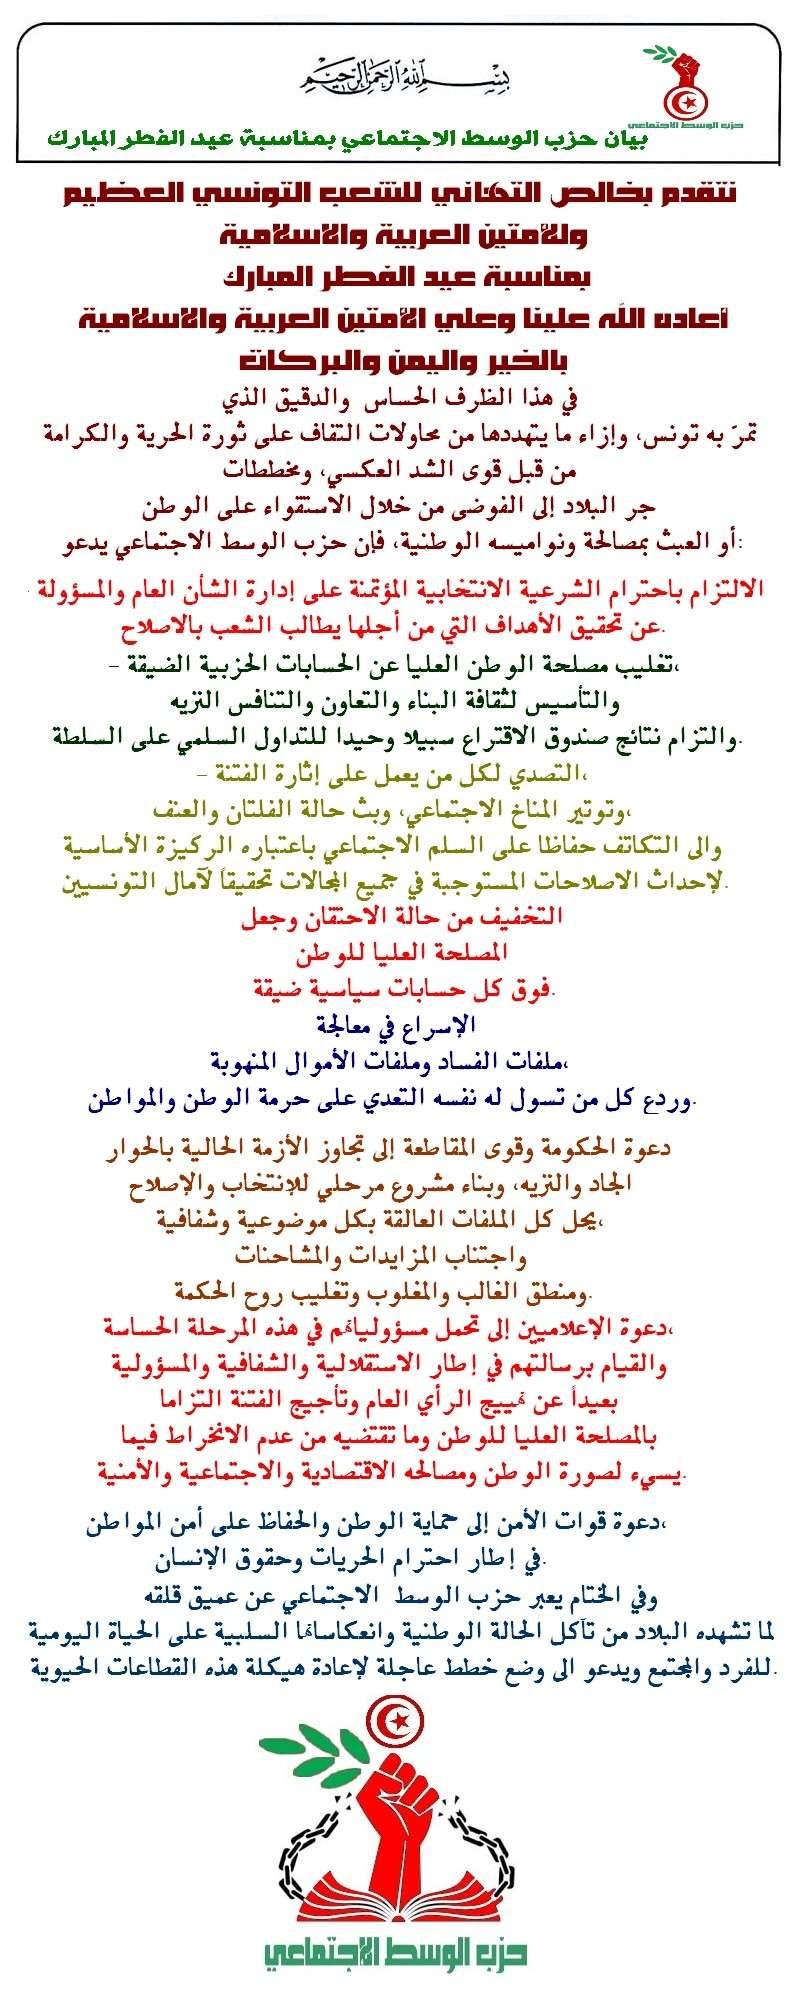 بيان حزب الوسط الإجتماعي بمناسبة عيد الفطر المبارك Ouso_o10